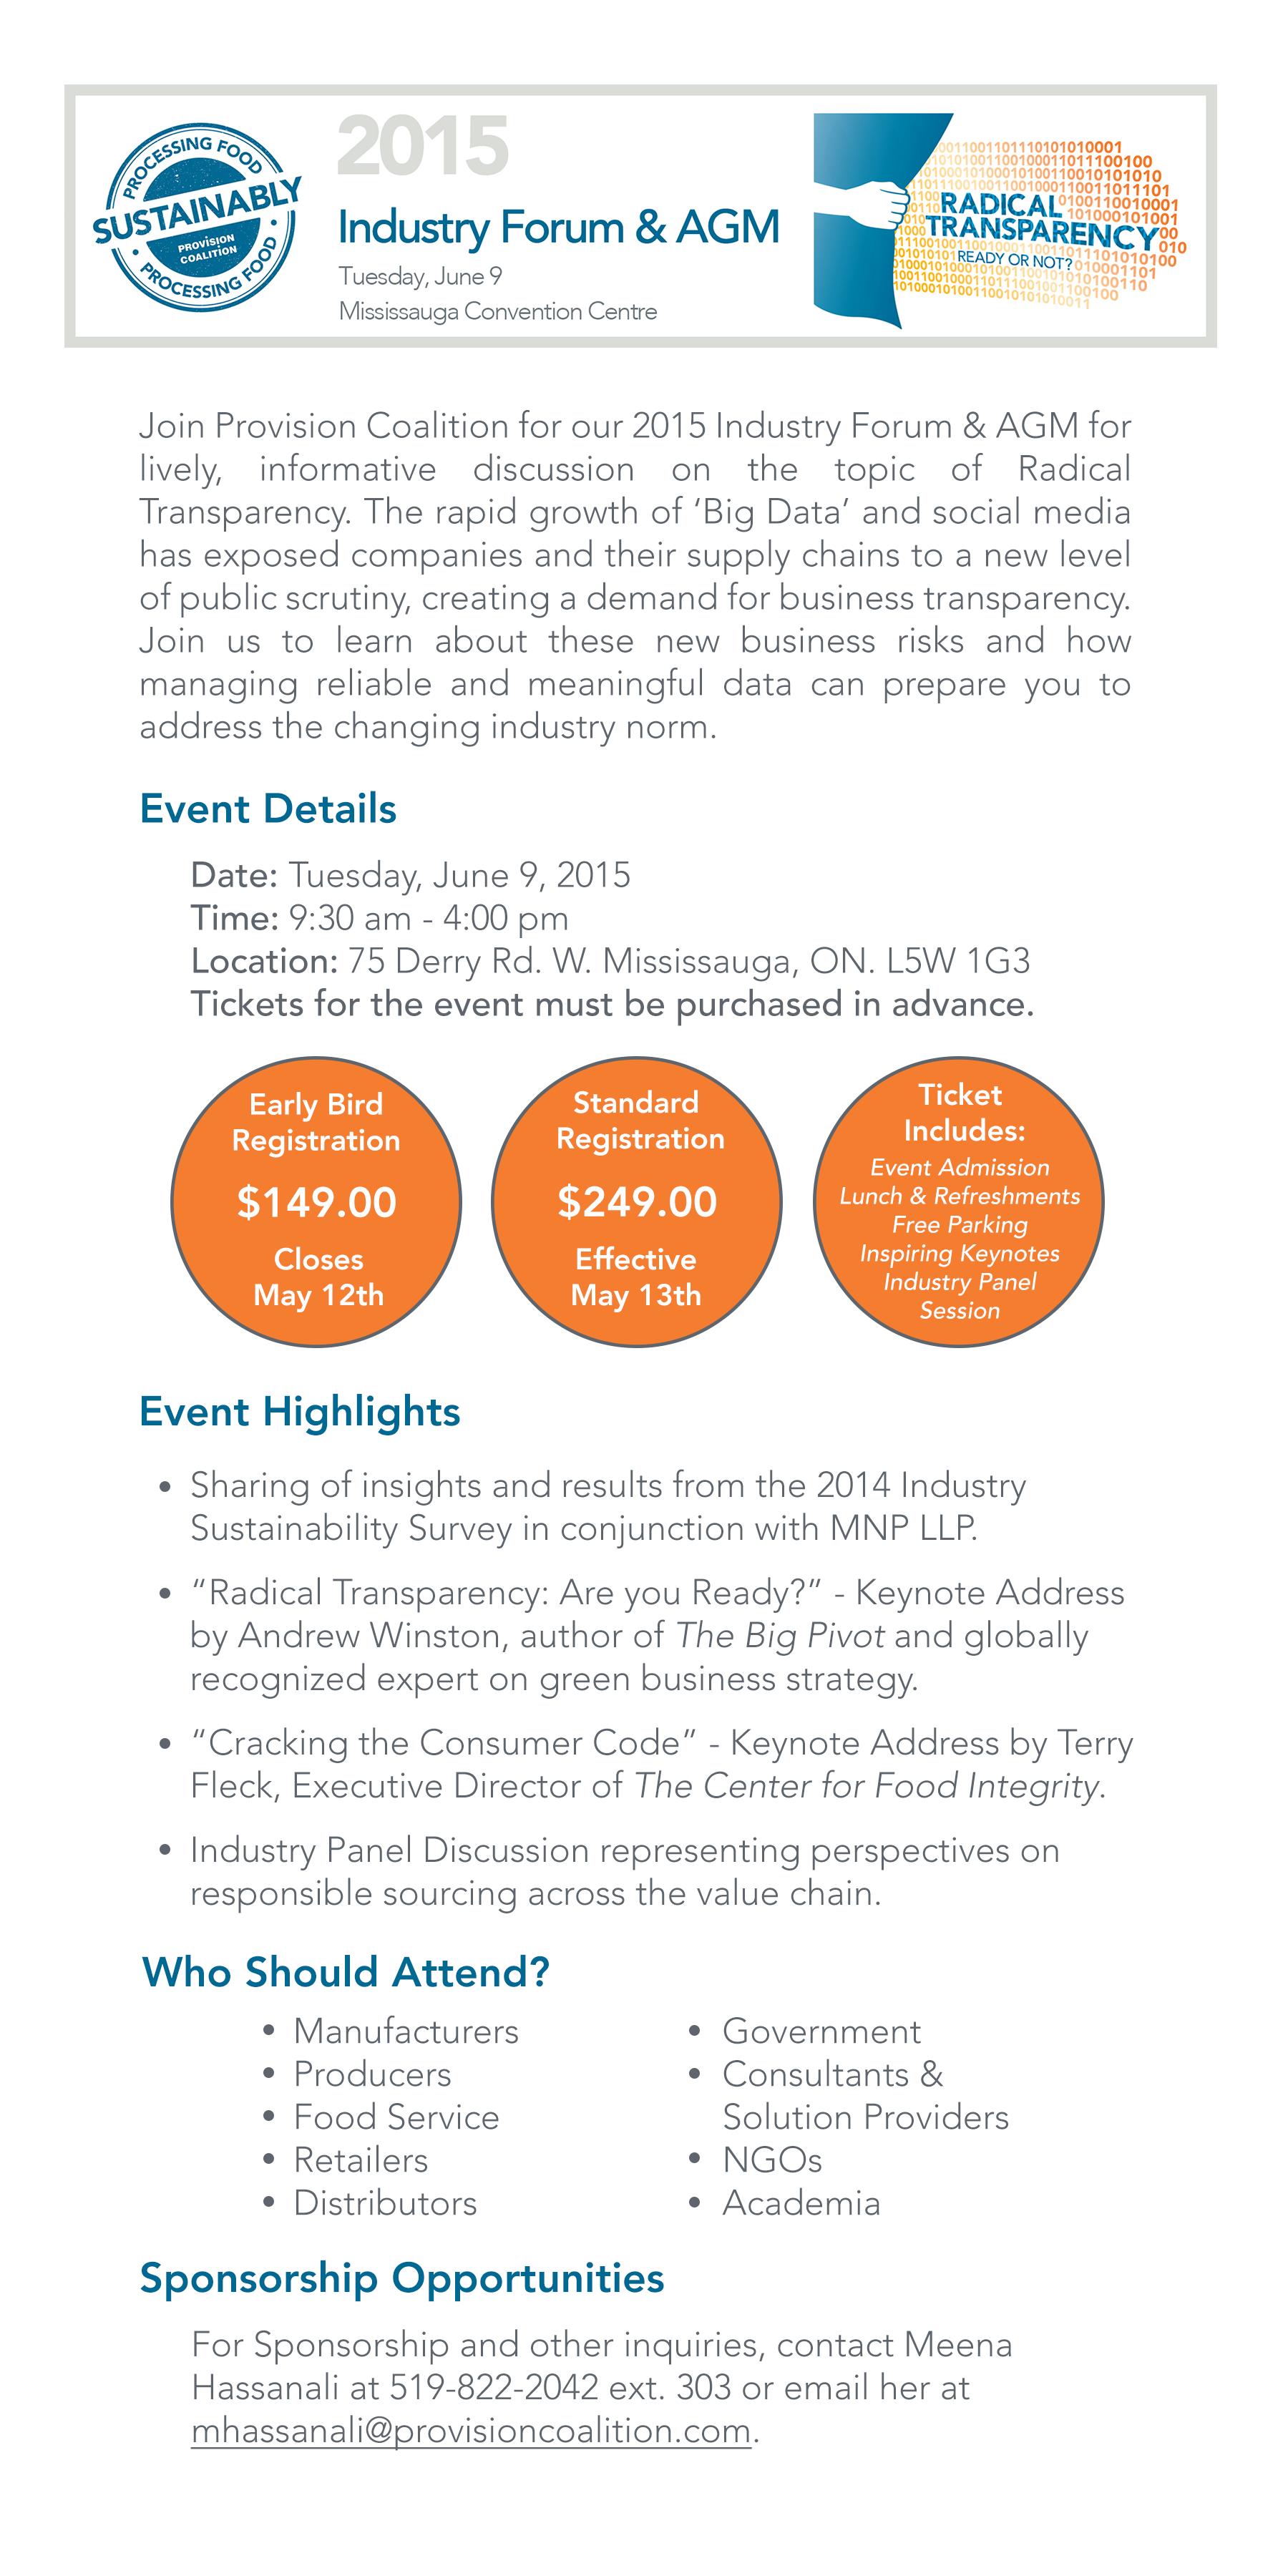 2015 Industry Forum